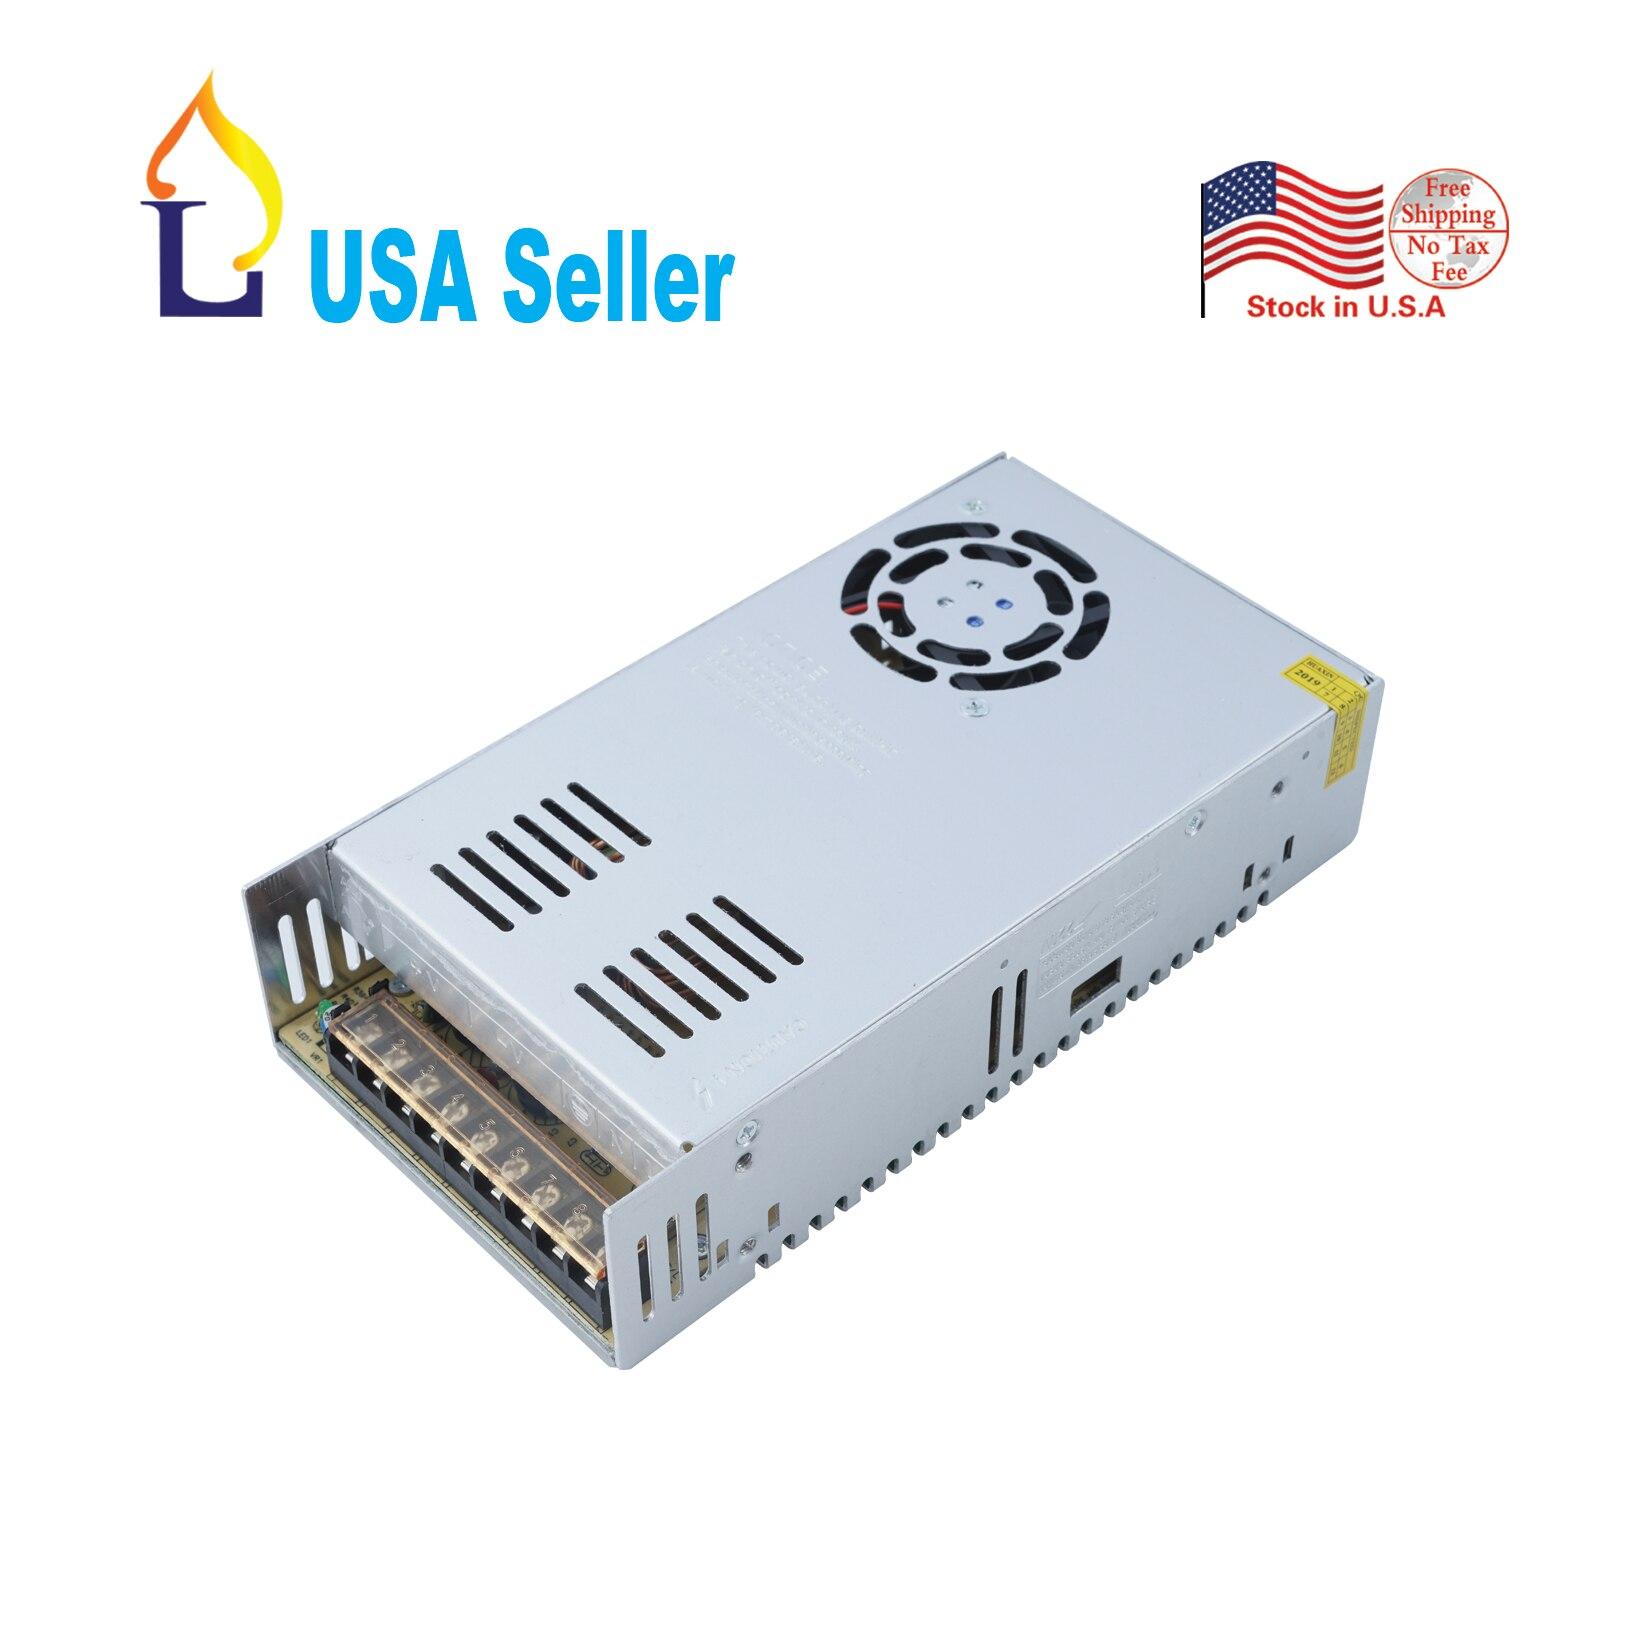 Convertisseur de commutation, AC/DC adaptateur adaptateur transformateur pilote pour LED bandes lumineuses et Module, AC 110 V/220 V à DC 12V